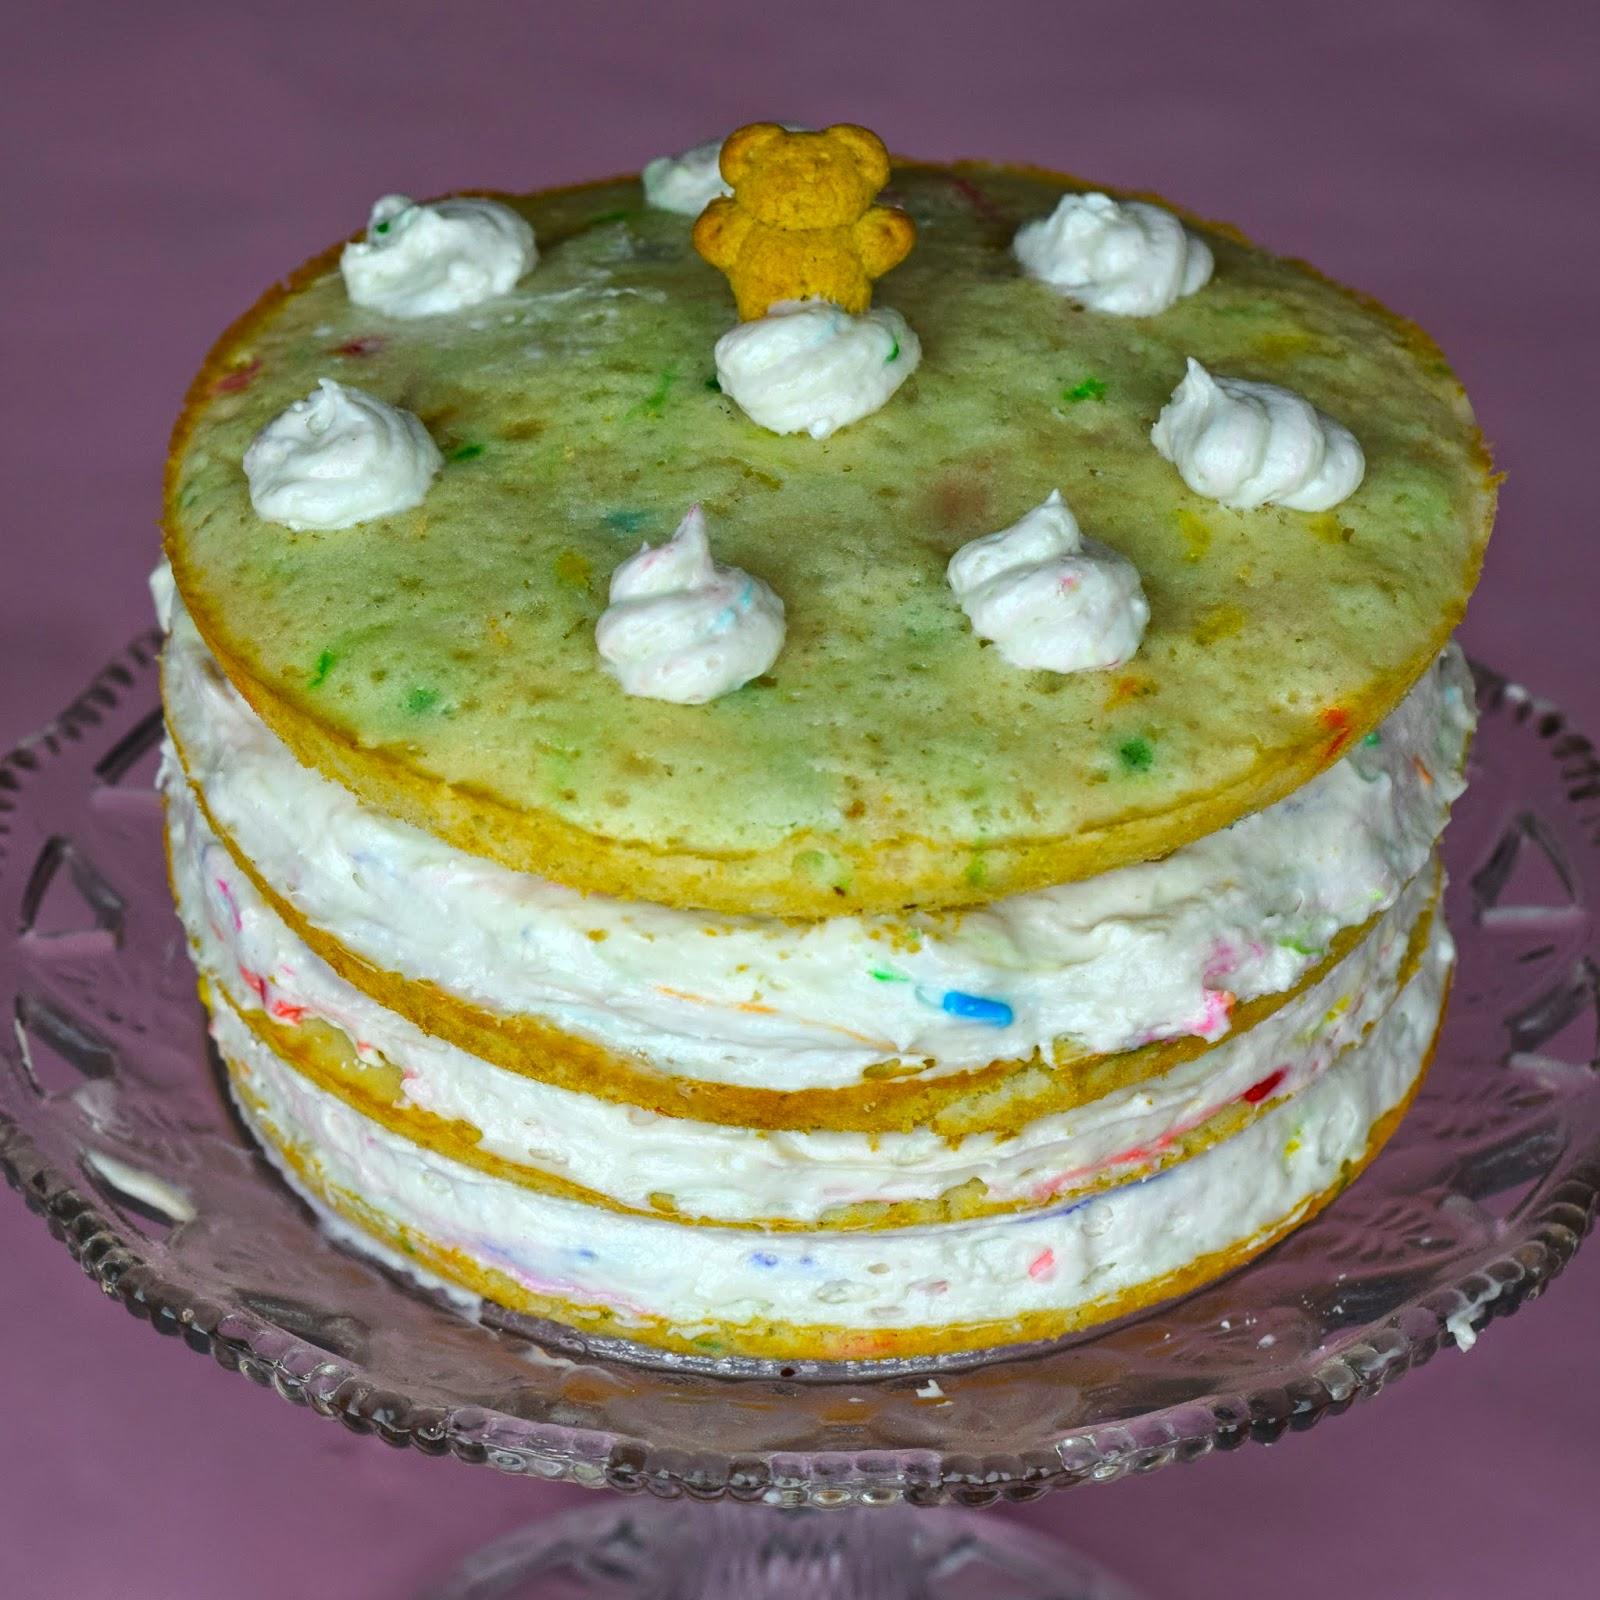 Funfetti Layered Cake Recipe